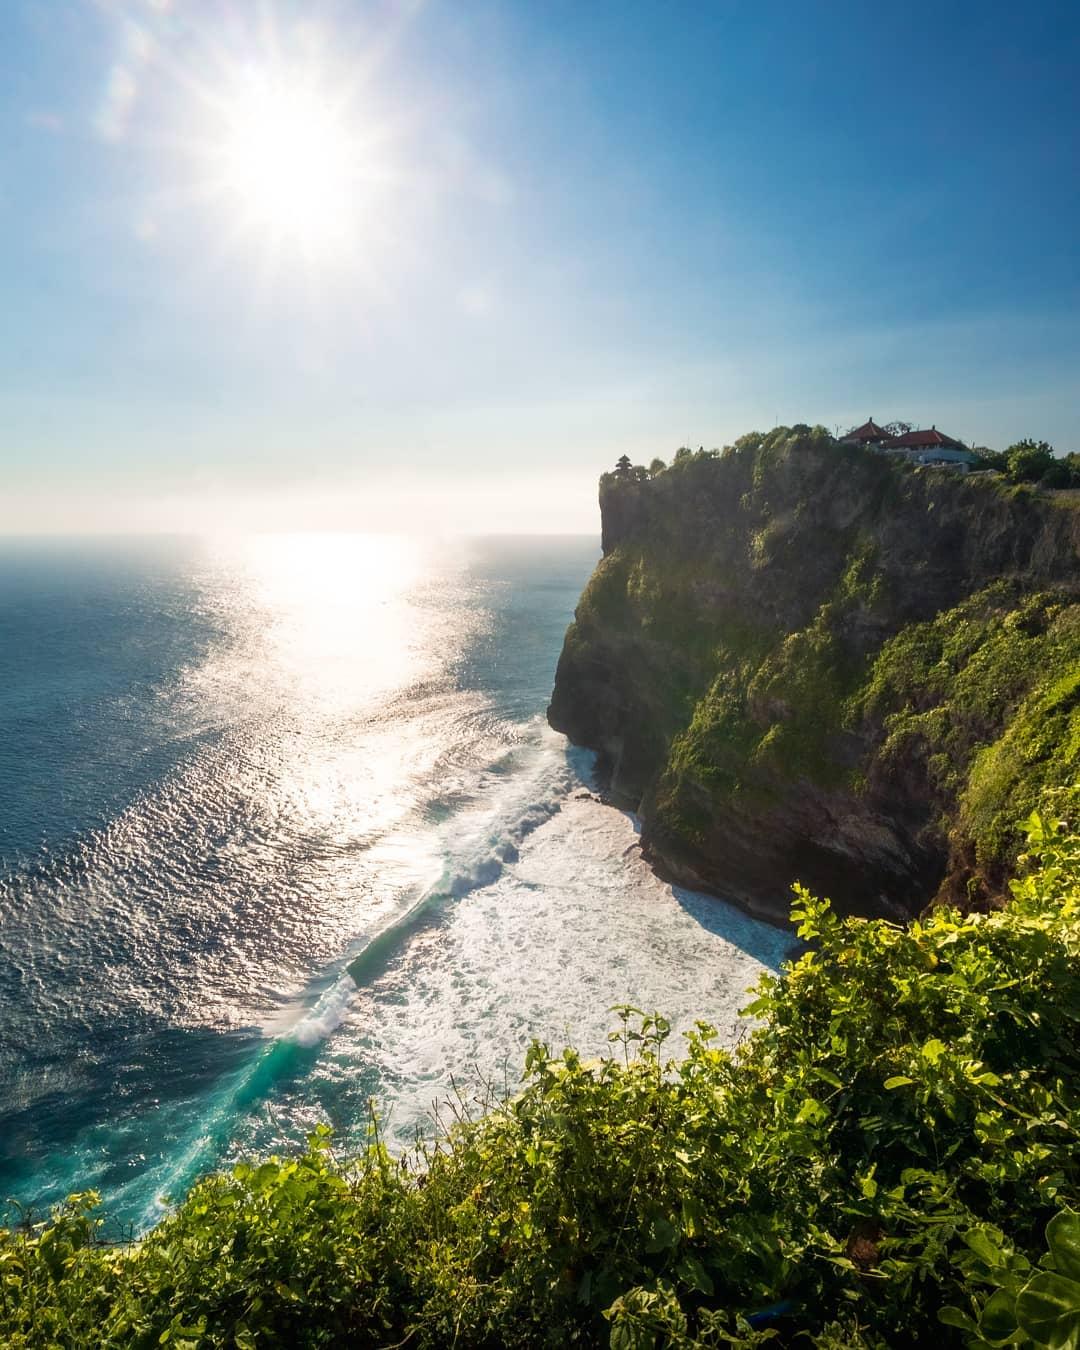 uluwatu temple cliff shot